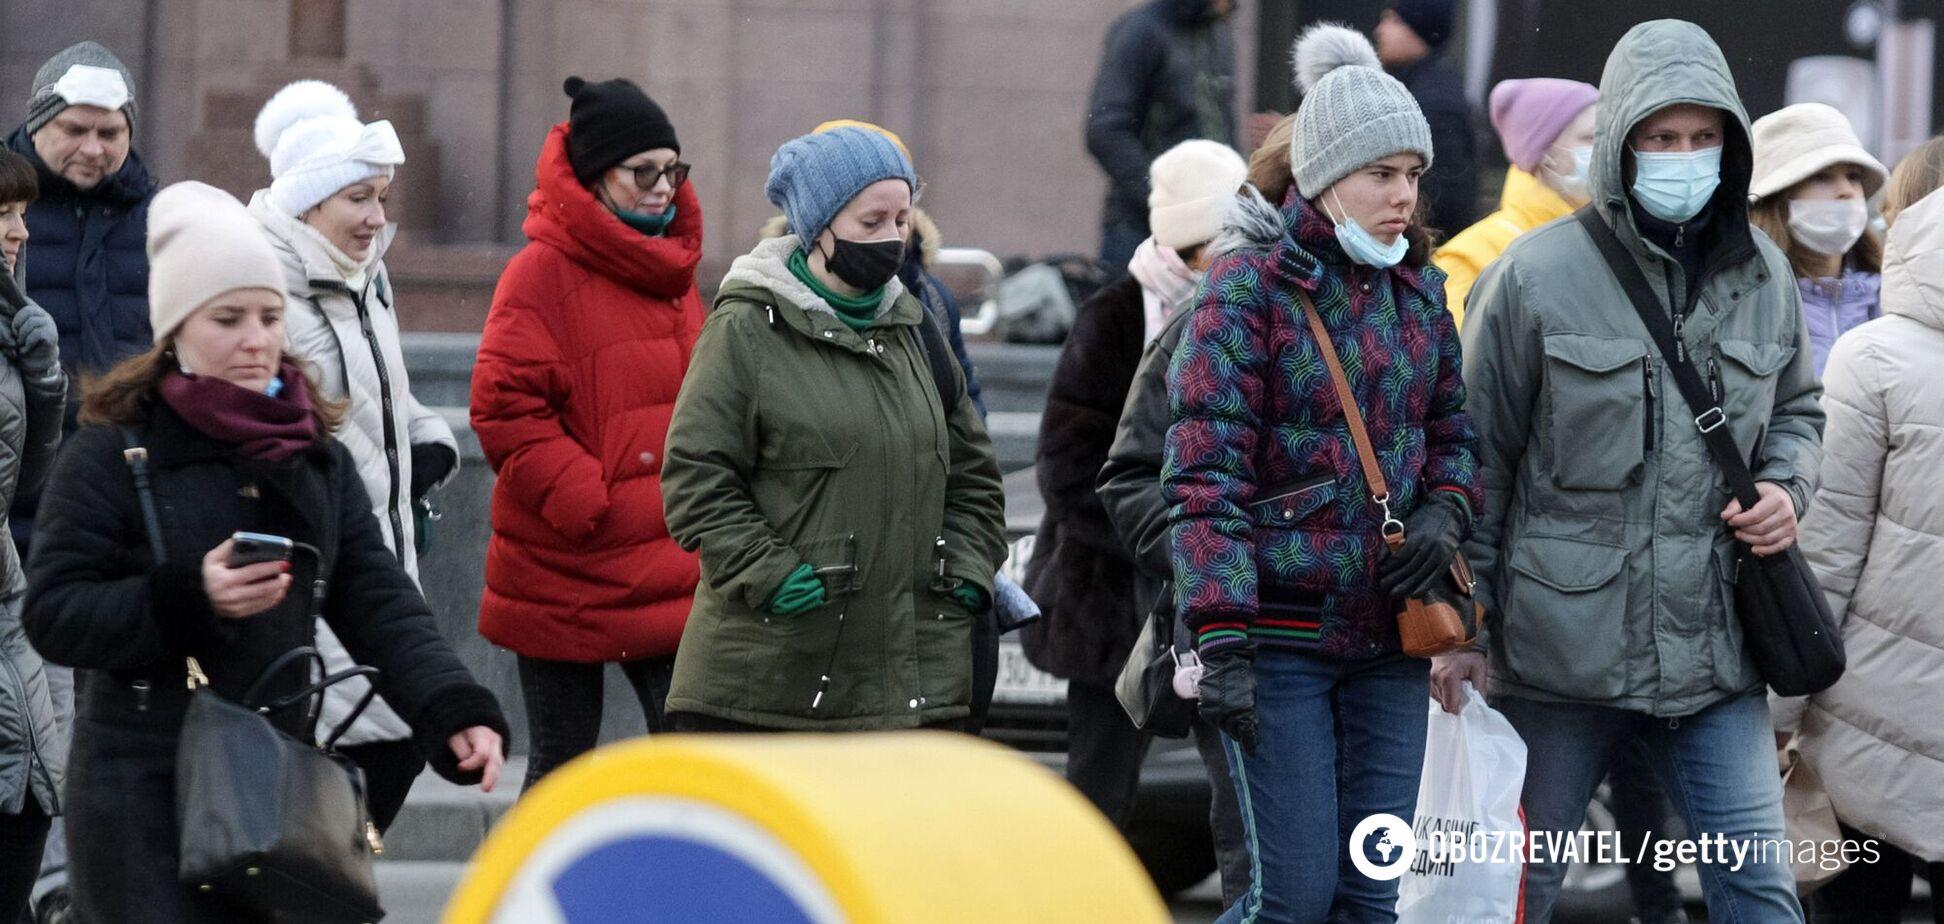 Лікар з Ізраїлю назвав локдаун в Україні 'дитячим садком'